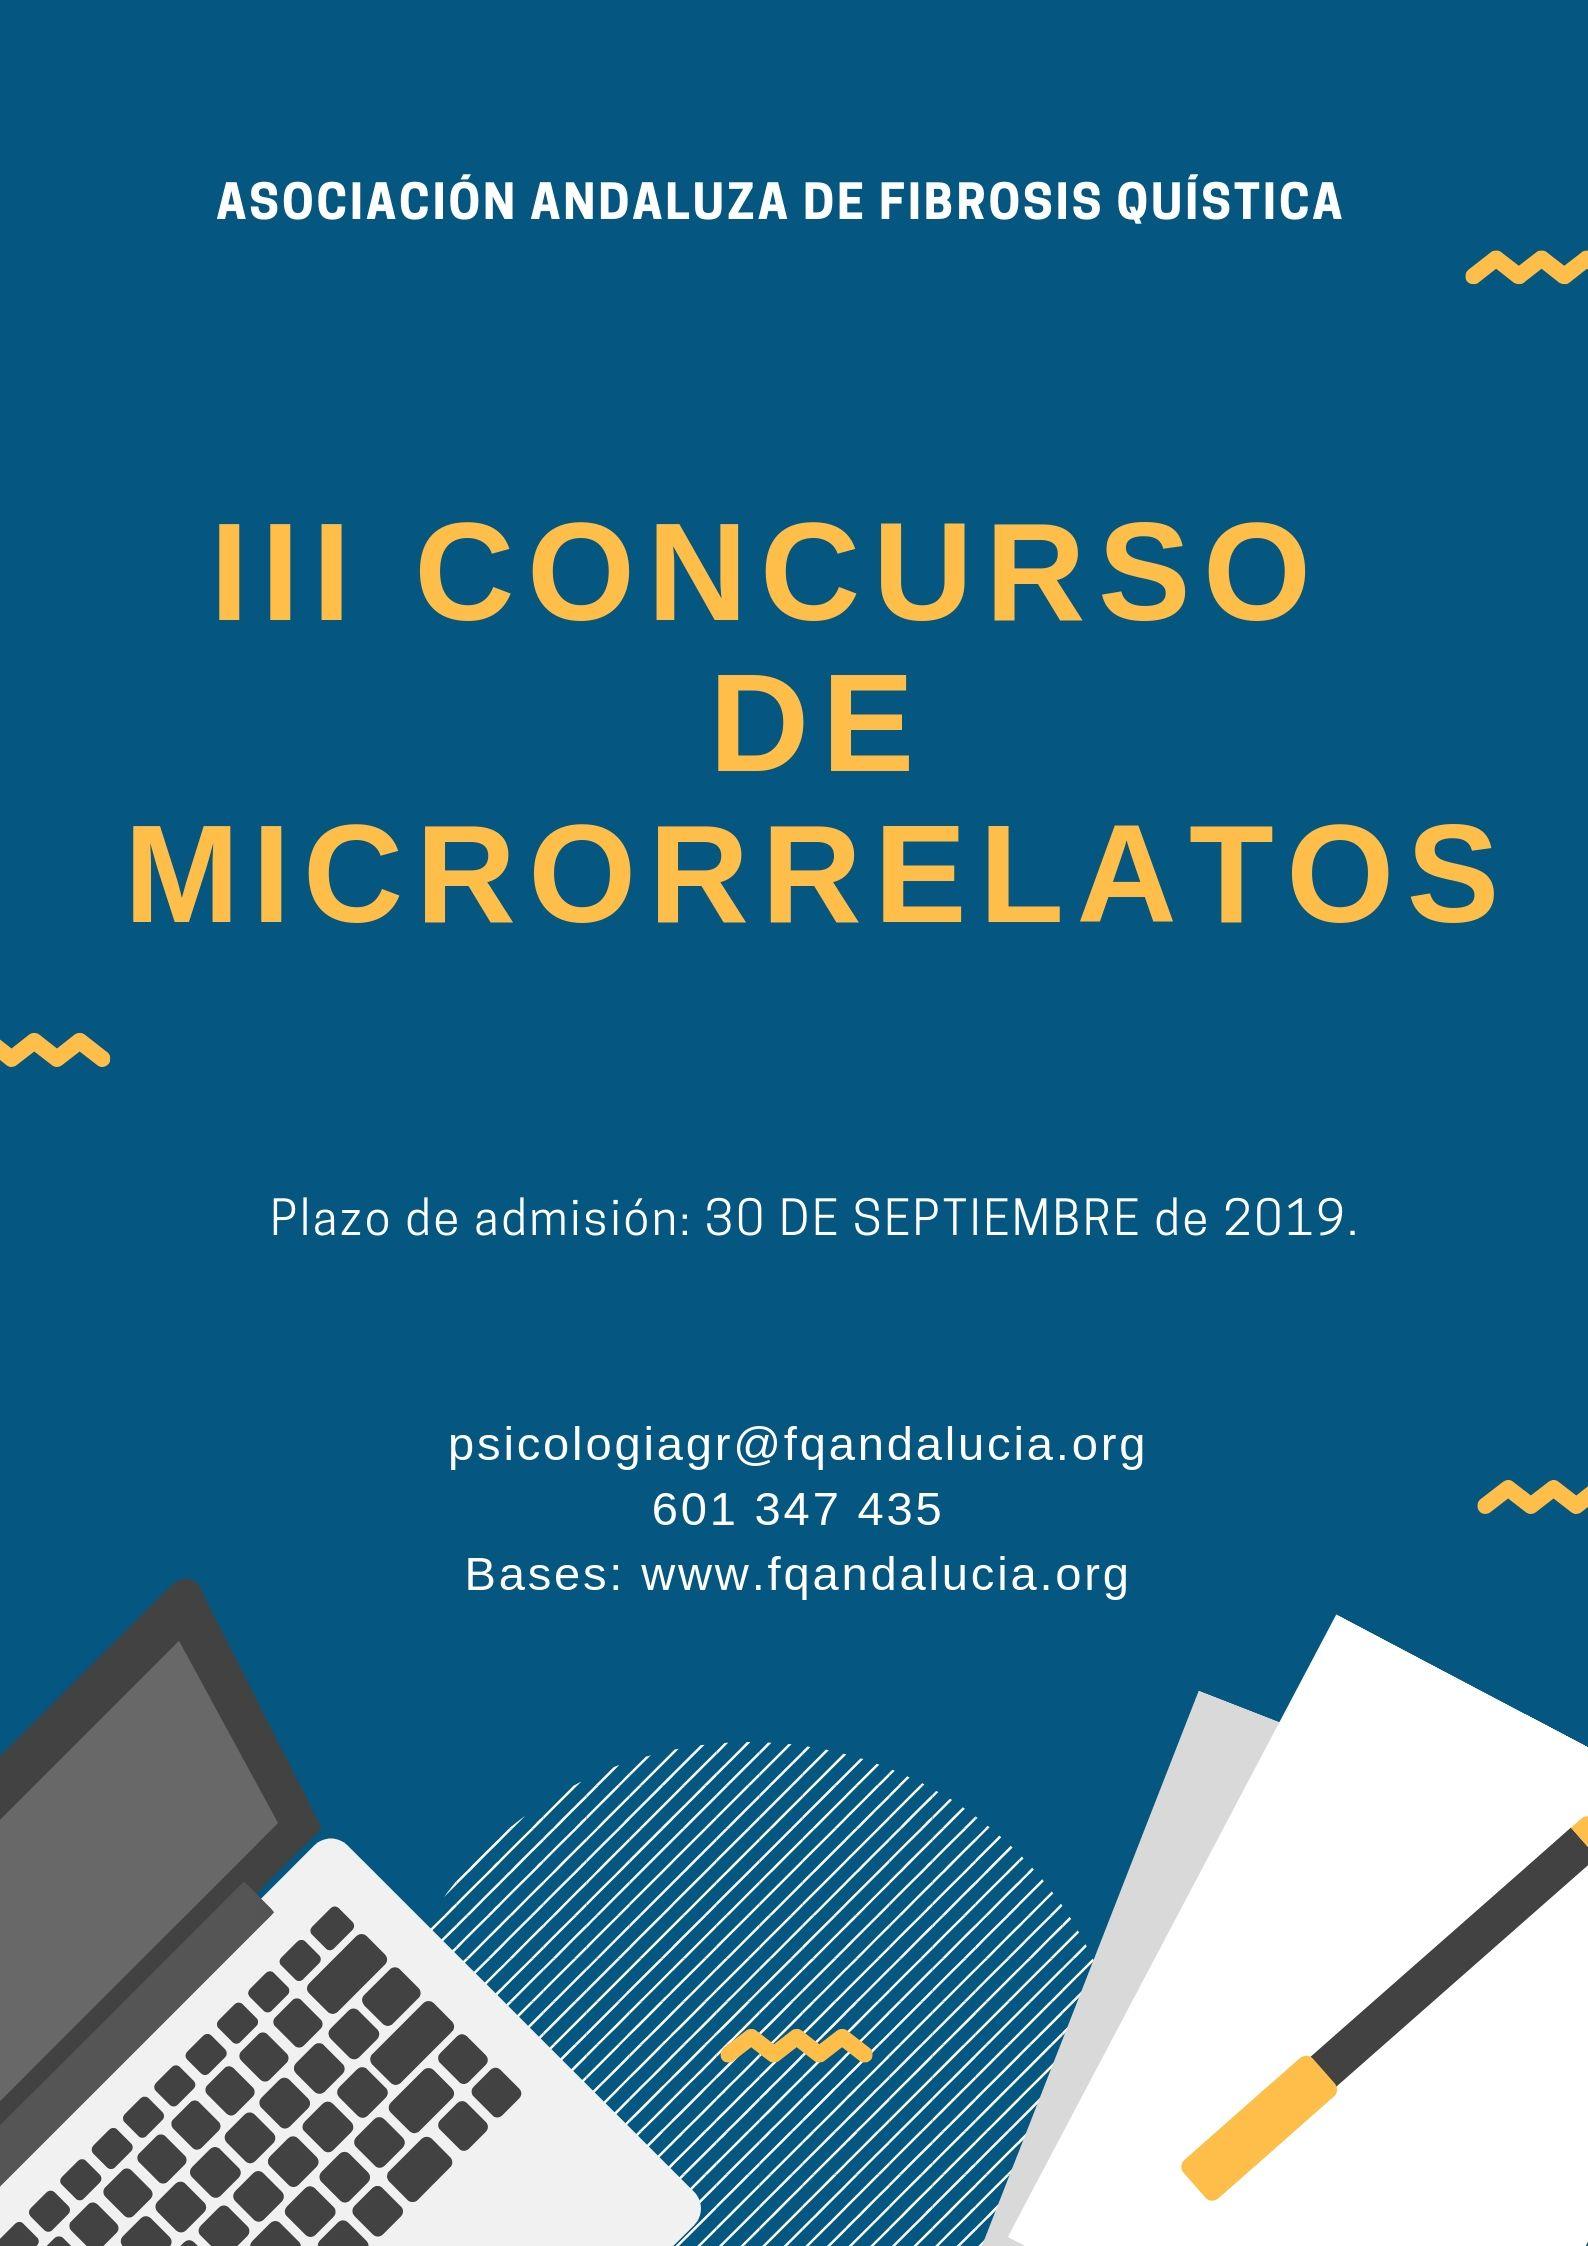 III CONCURSO DE MICRORRELATOS DE LA  ASOCIACIÓN ANDALUZA DE FIBROSIS QUÍSTICA